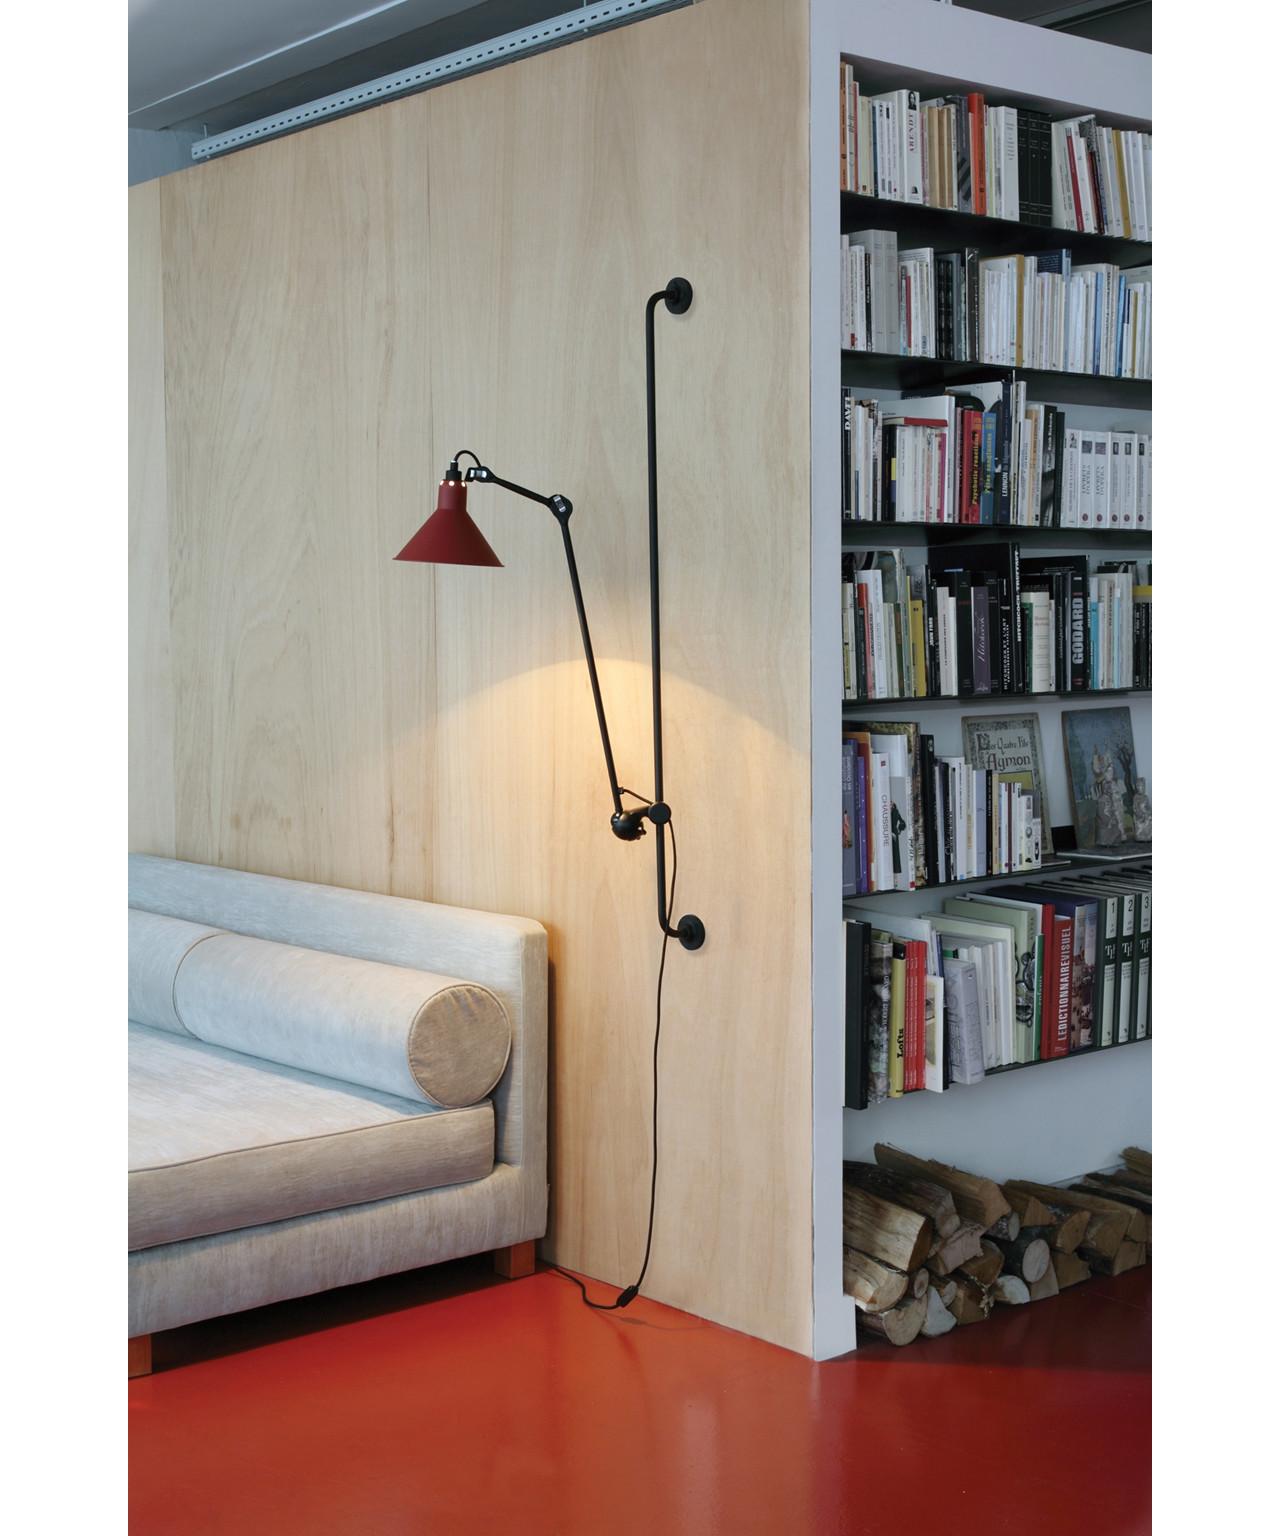 214 v glampe r d lampe gras. Black Bedroom Furniture Sets. Home Design Ideas